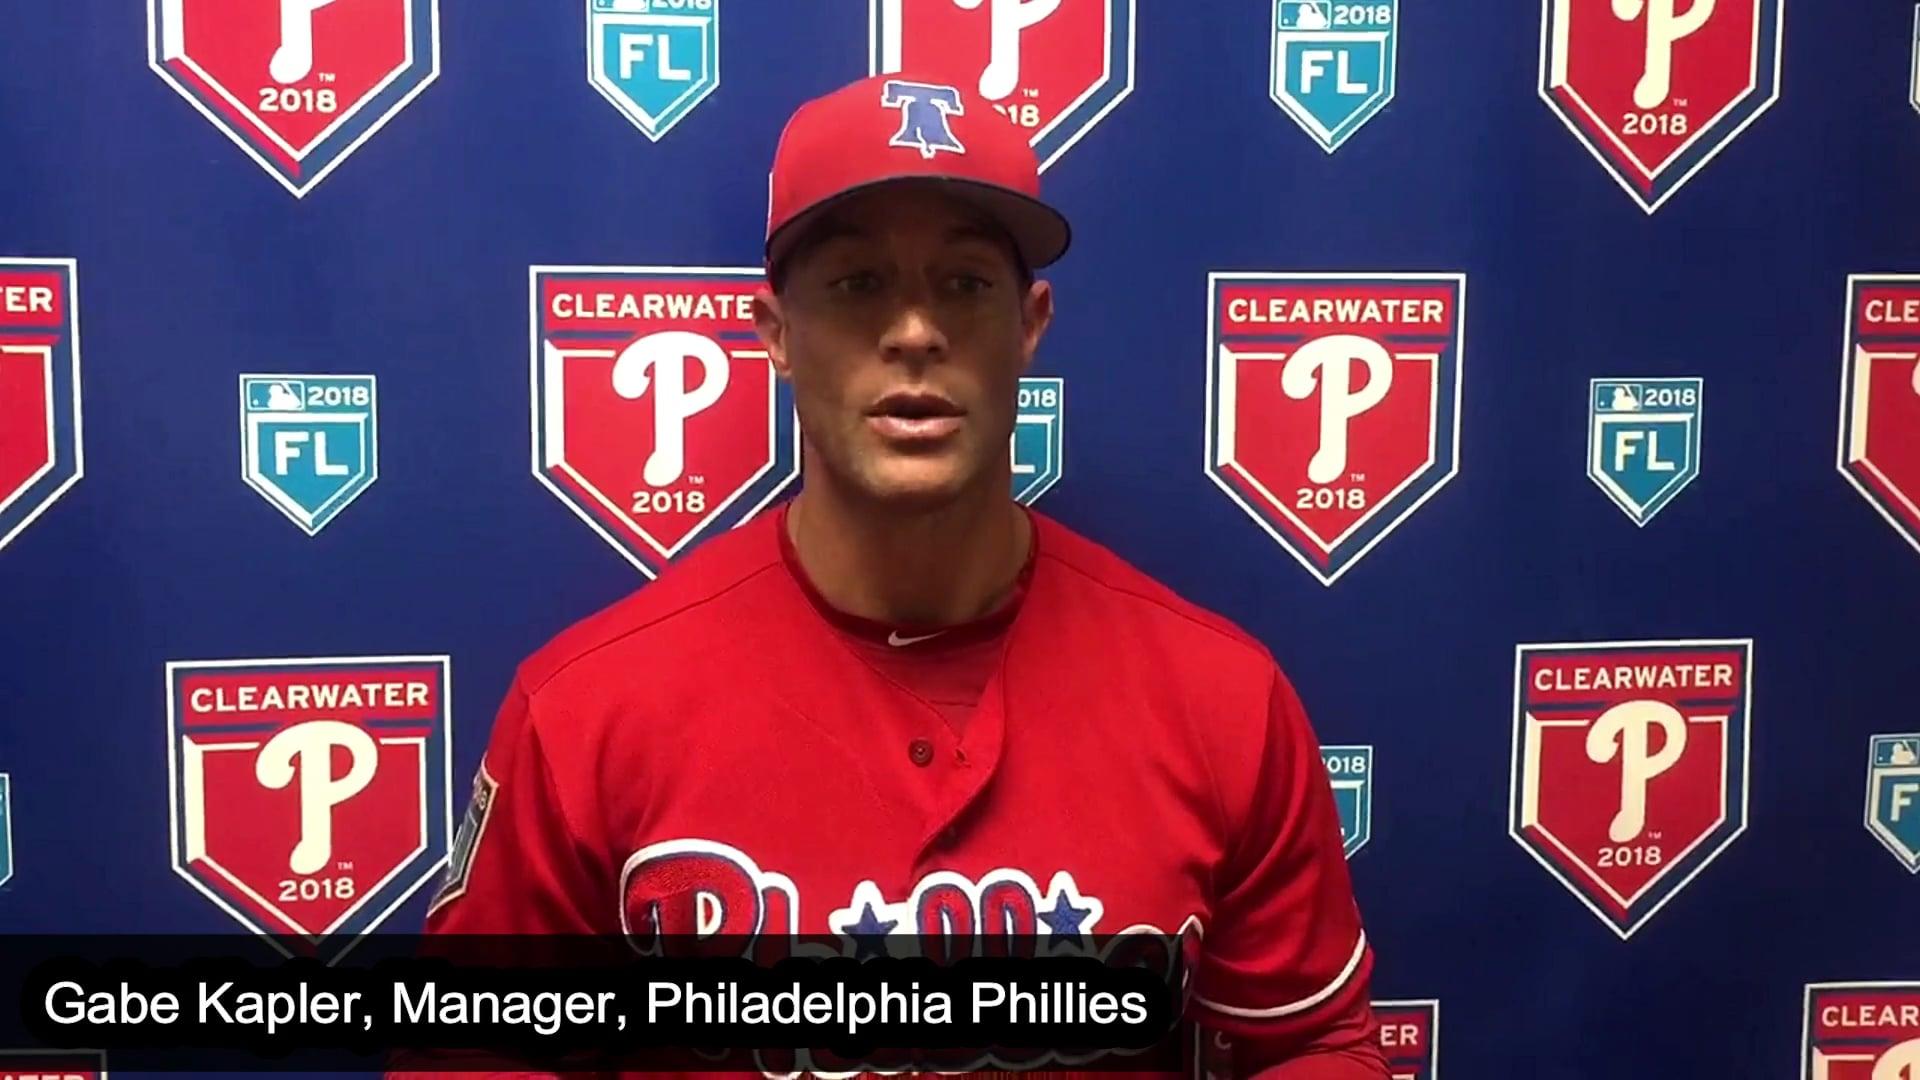 Phillies Manager Sends Tug McGraw's Team a Heartfelt Message to Tug McGraw's Softball Team